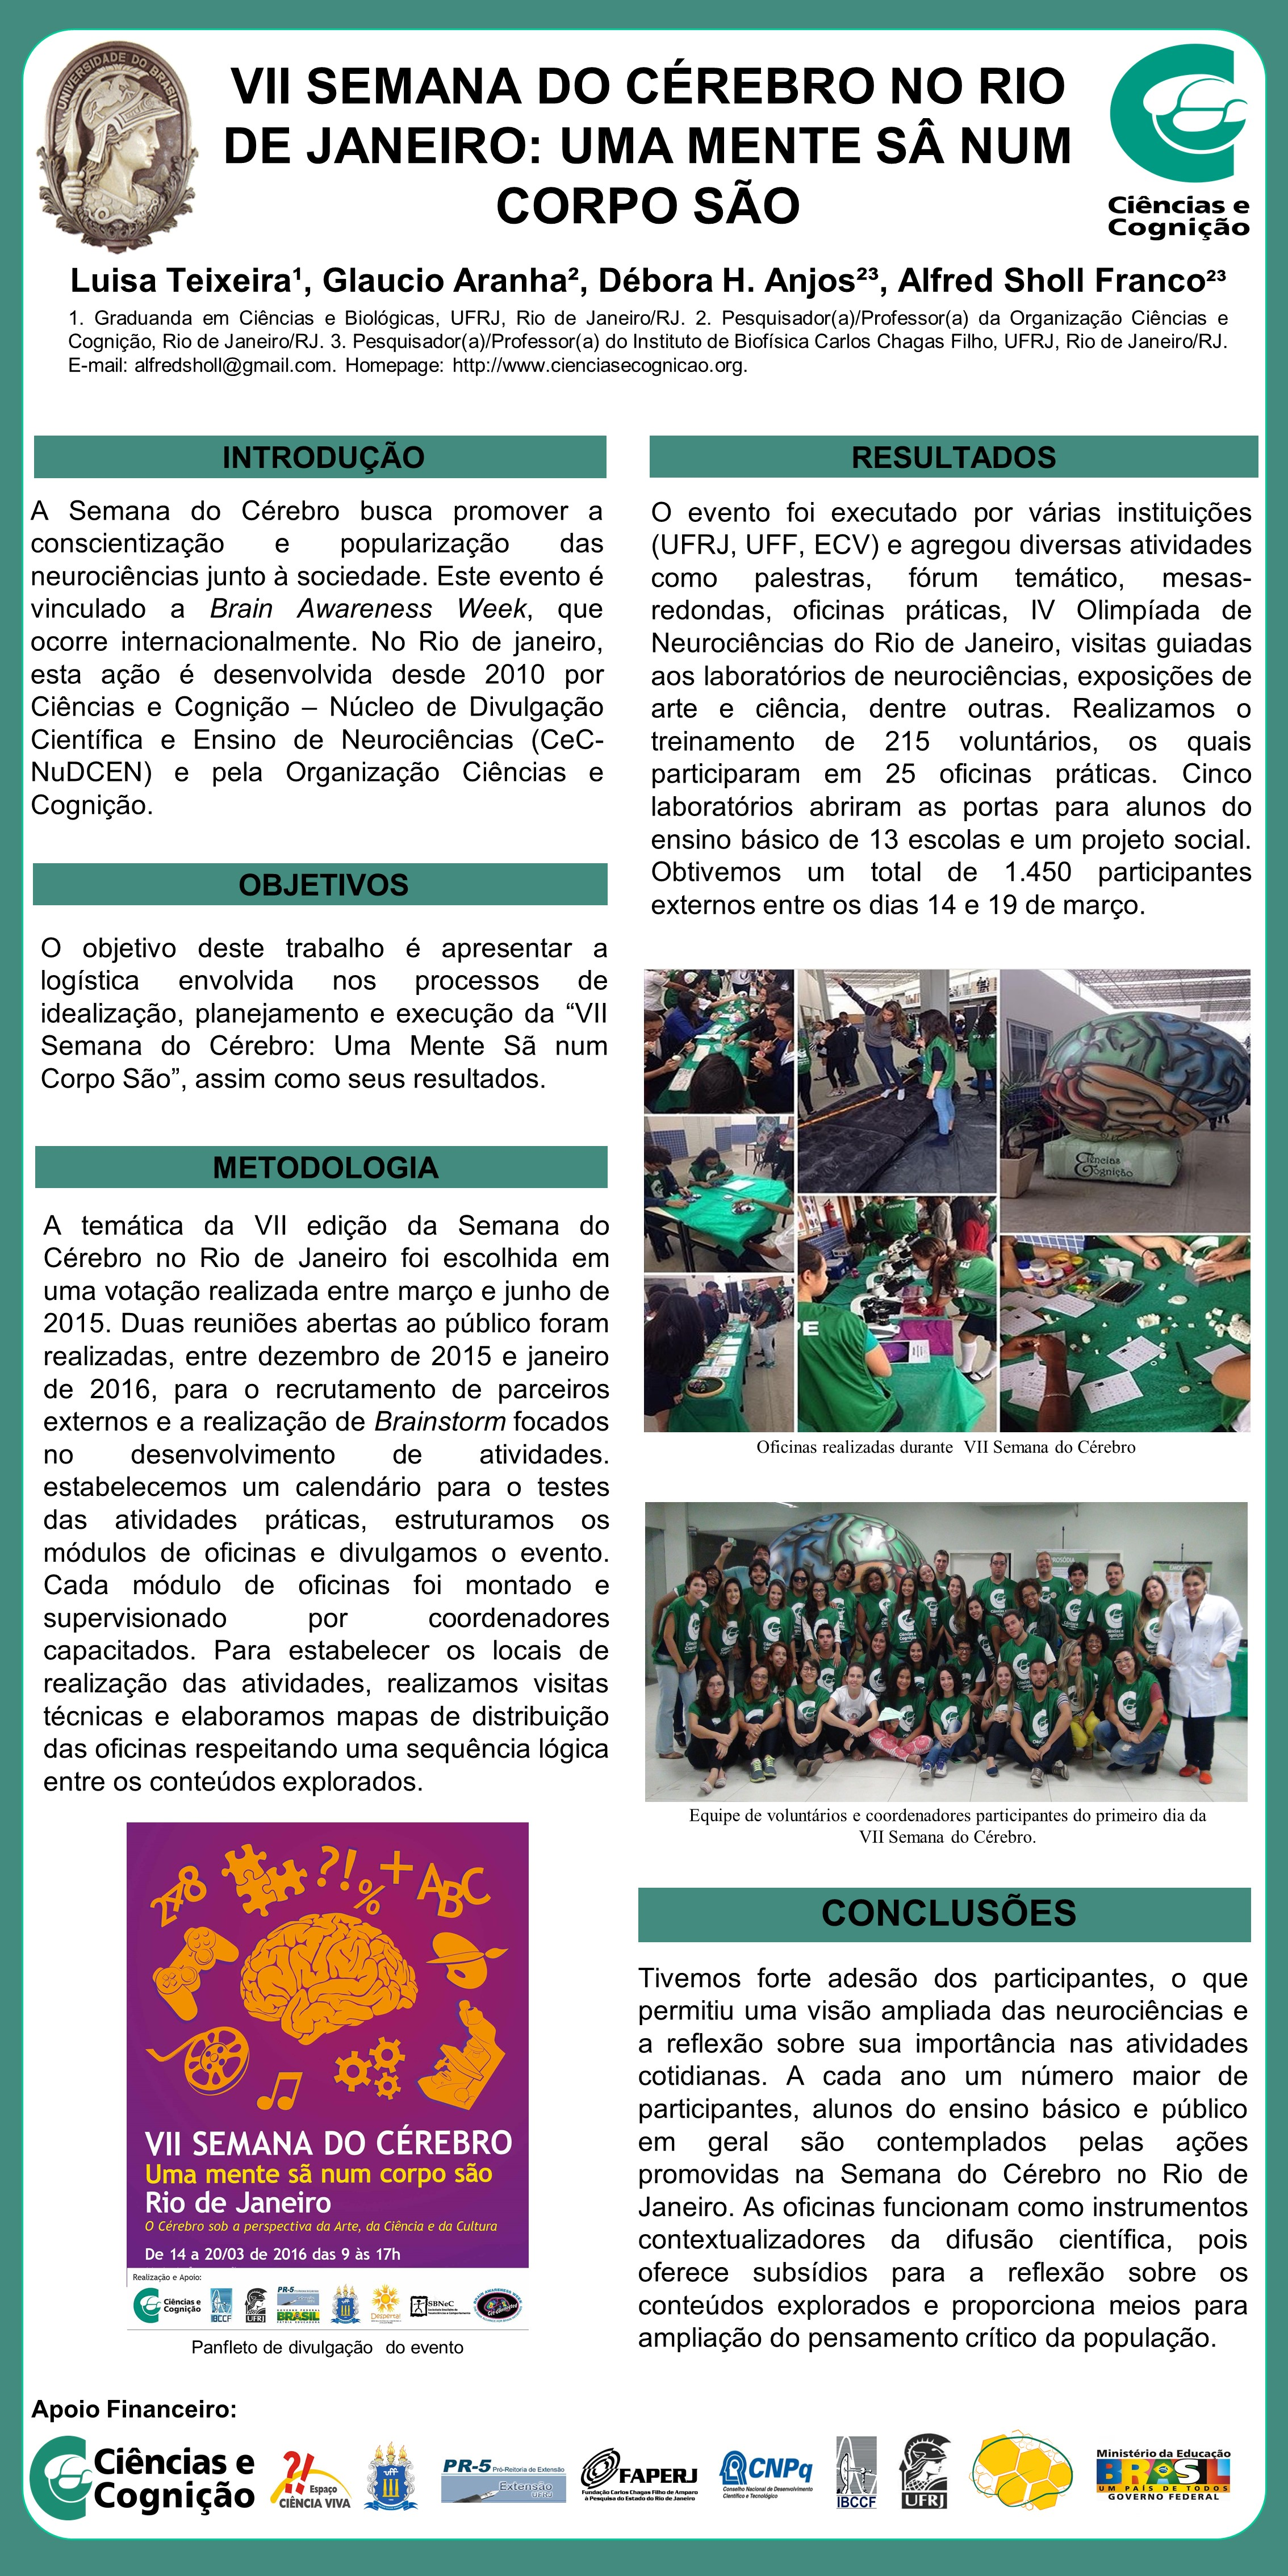 poster-da-fesbe-luisa-teixeira-2016